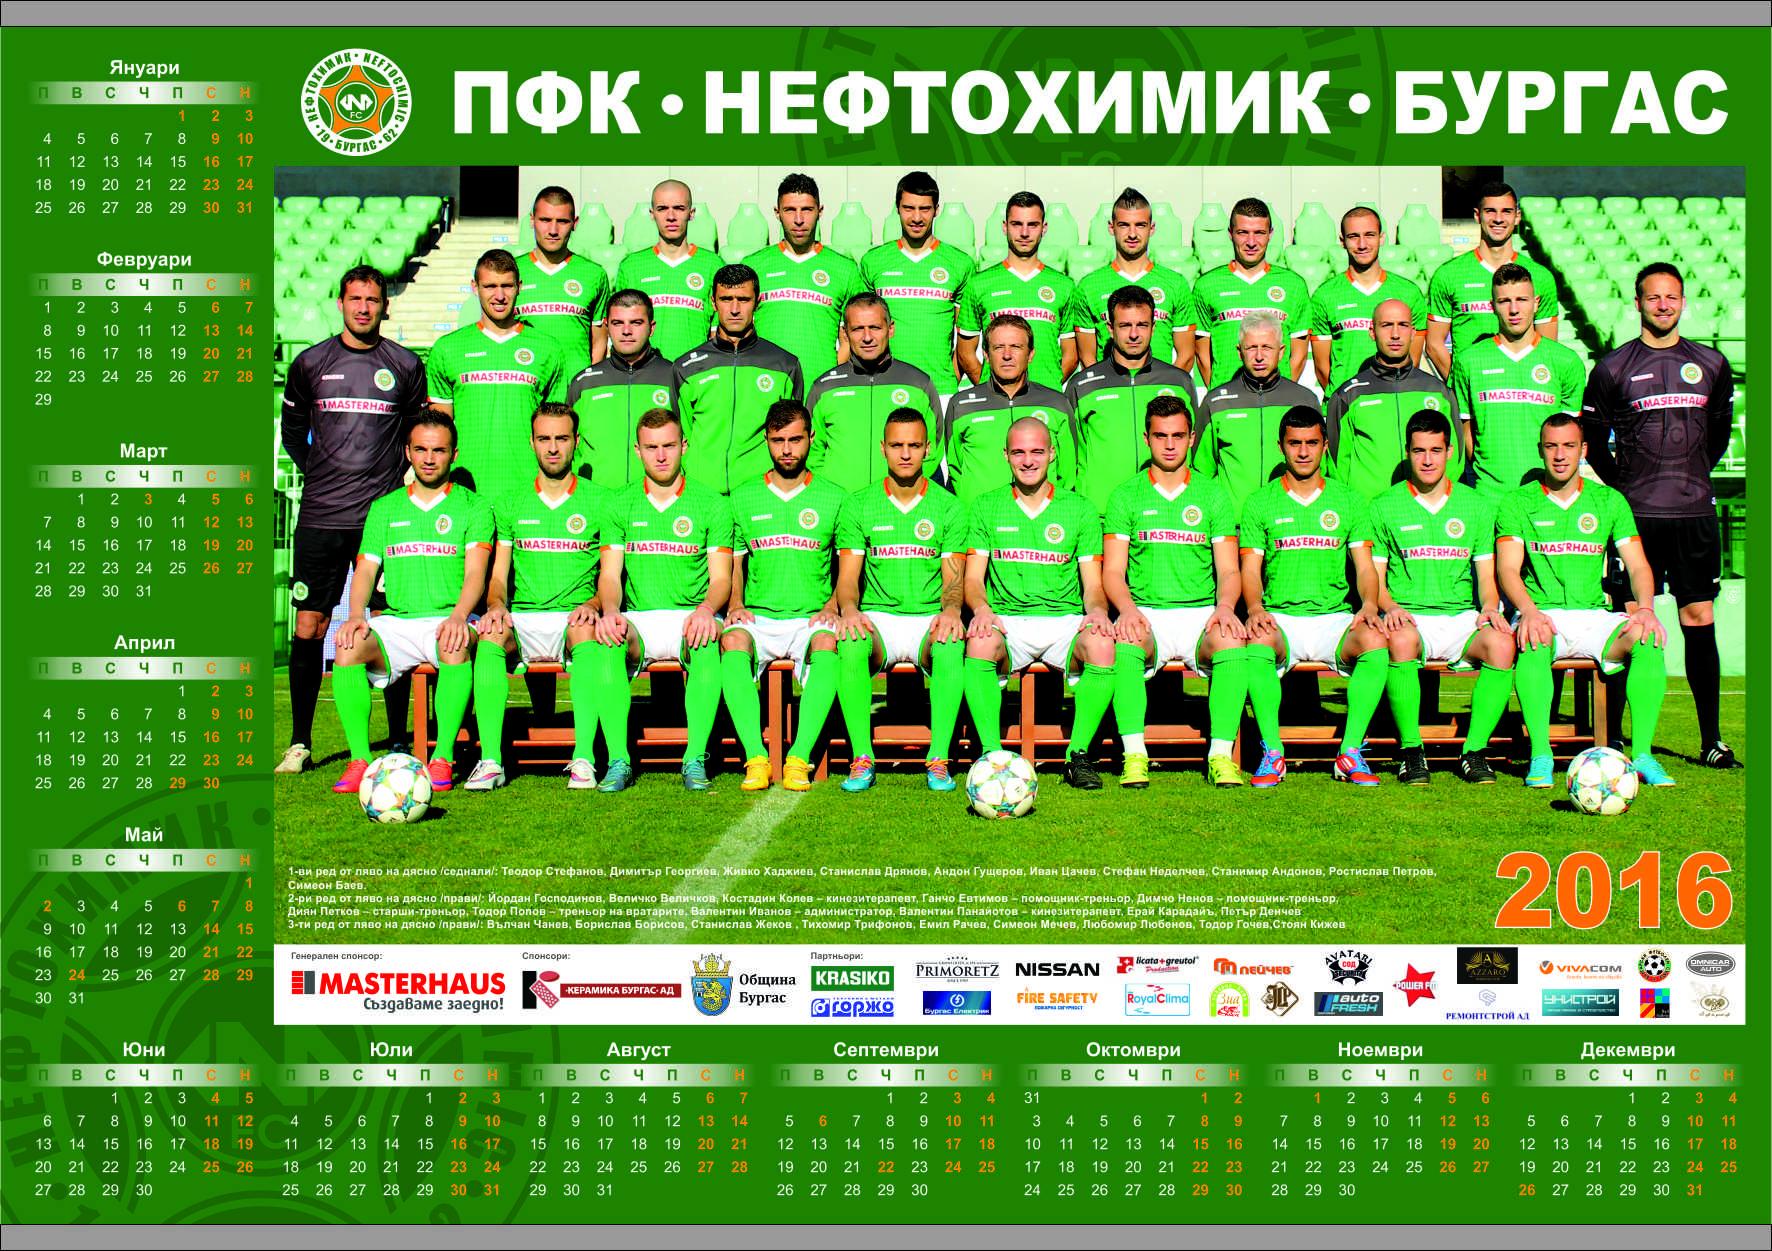 Нефтохимик ще подари календари за 2016 г. на всички свои футболисти и фенове